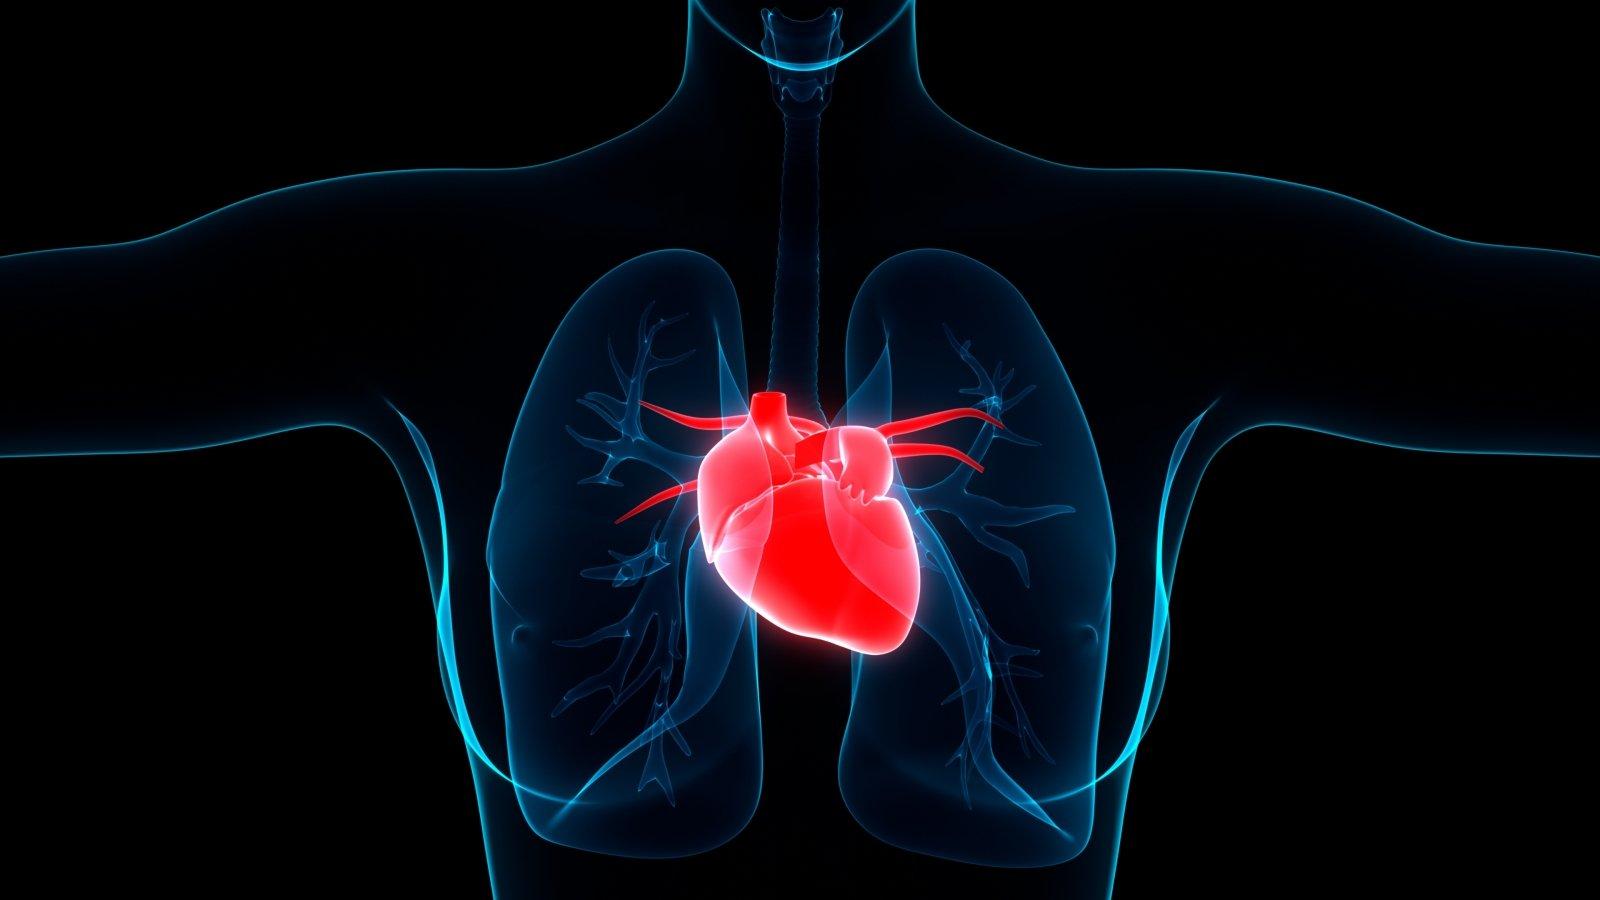 Karantino metu būtina pasirūpinti širdies ir kraujagyslių ligų prevencija - vanagaite.lt